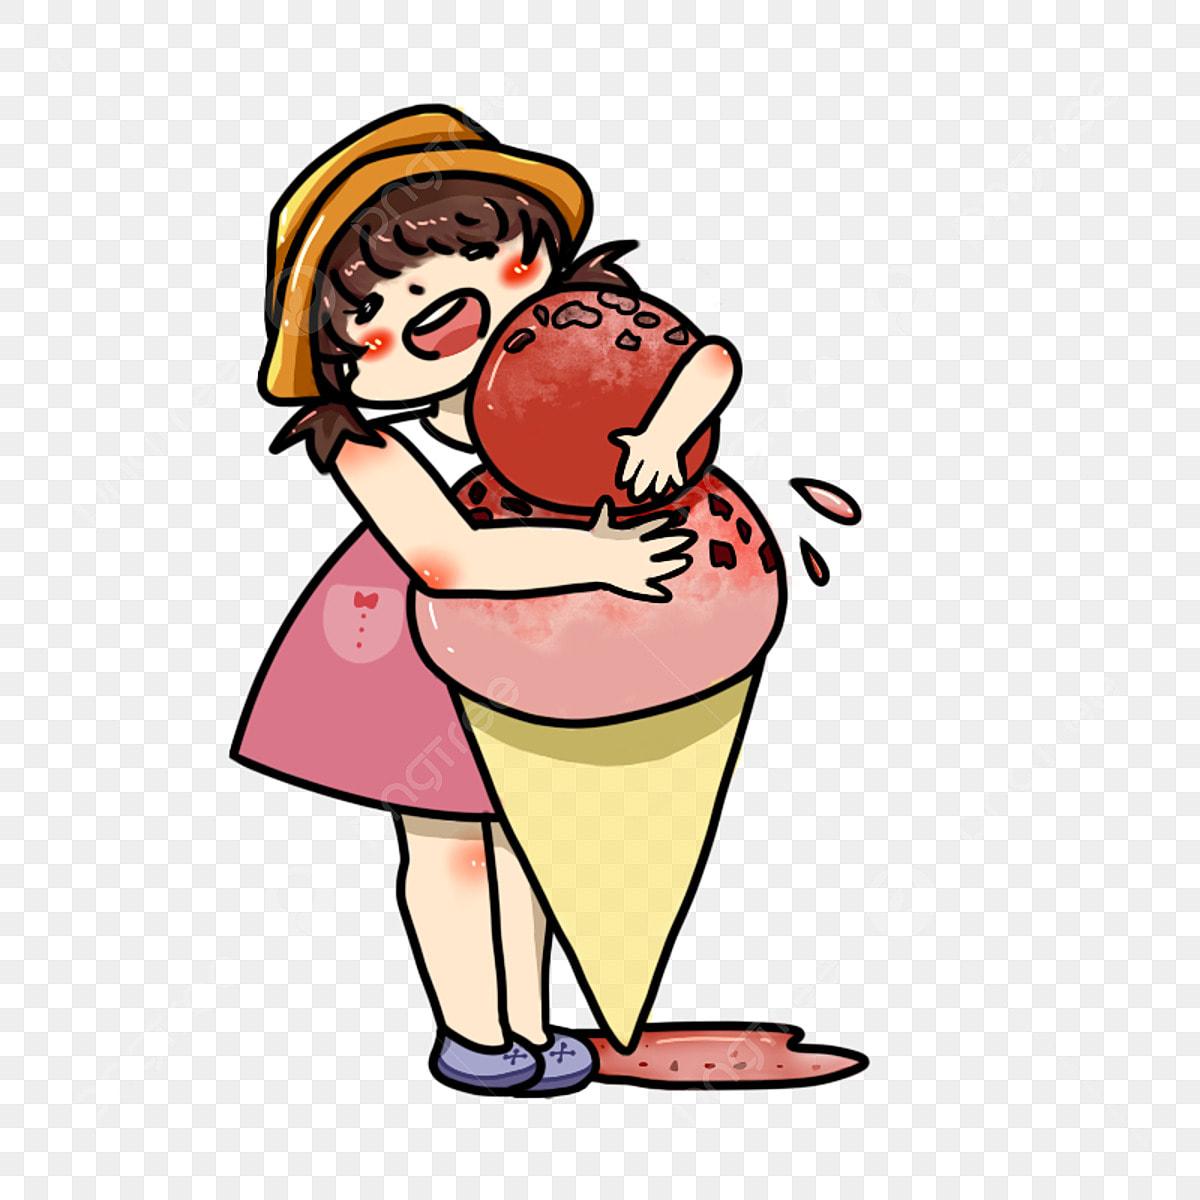 Petite Fille Avec Un Chapeau Jaune Tenant Une Grosse Glace